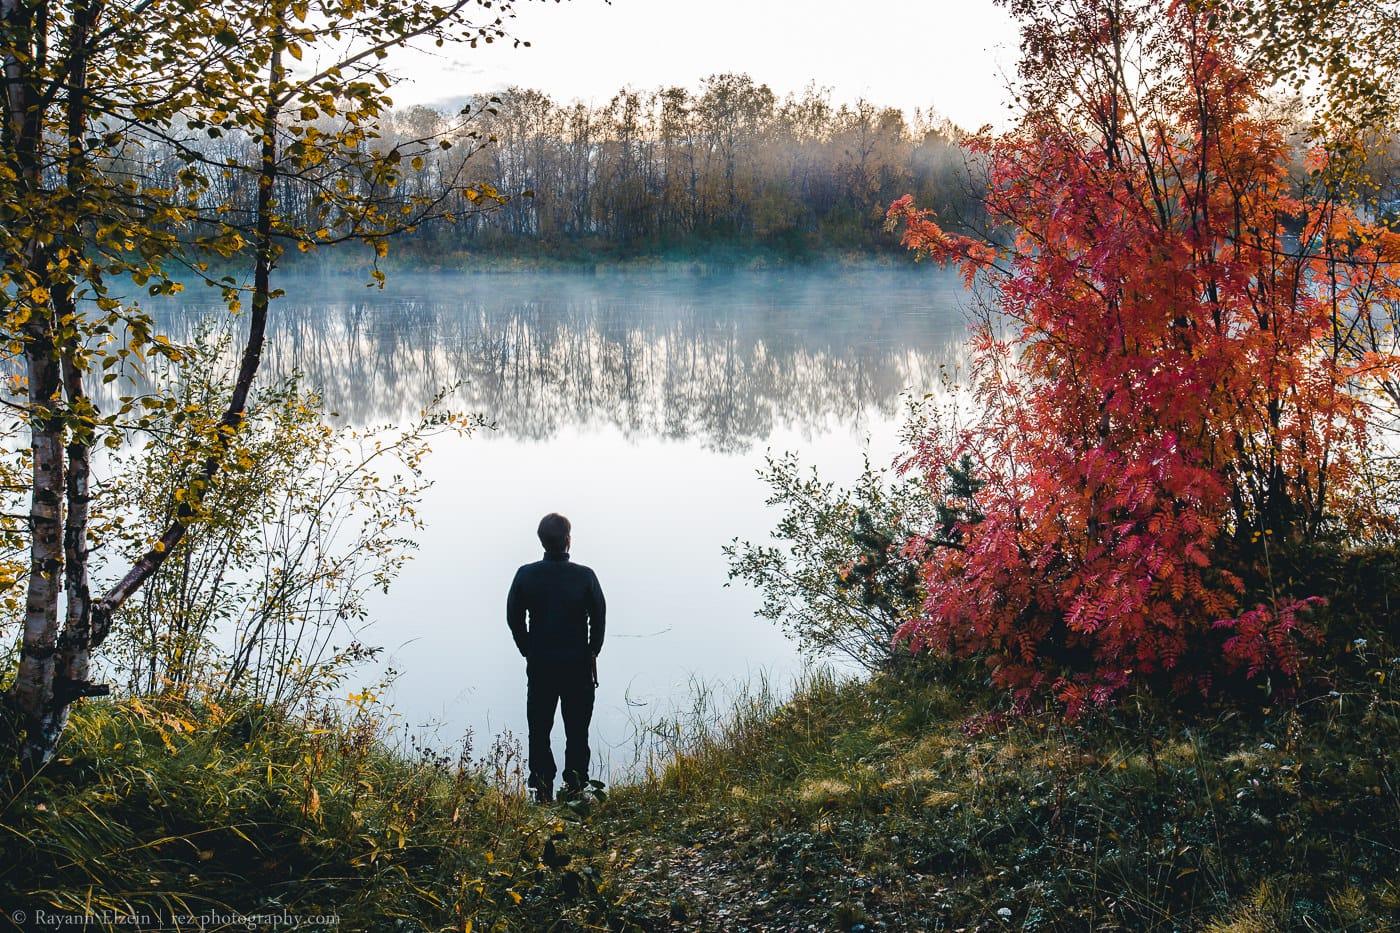 rencontre automne rivière ma gratuit Gay Dating site Melbourne